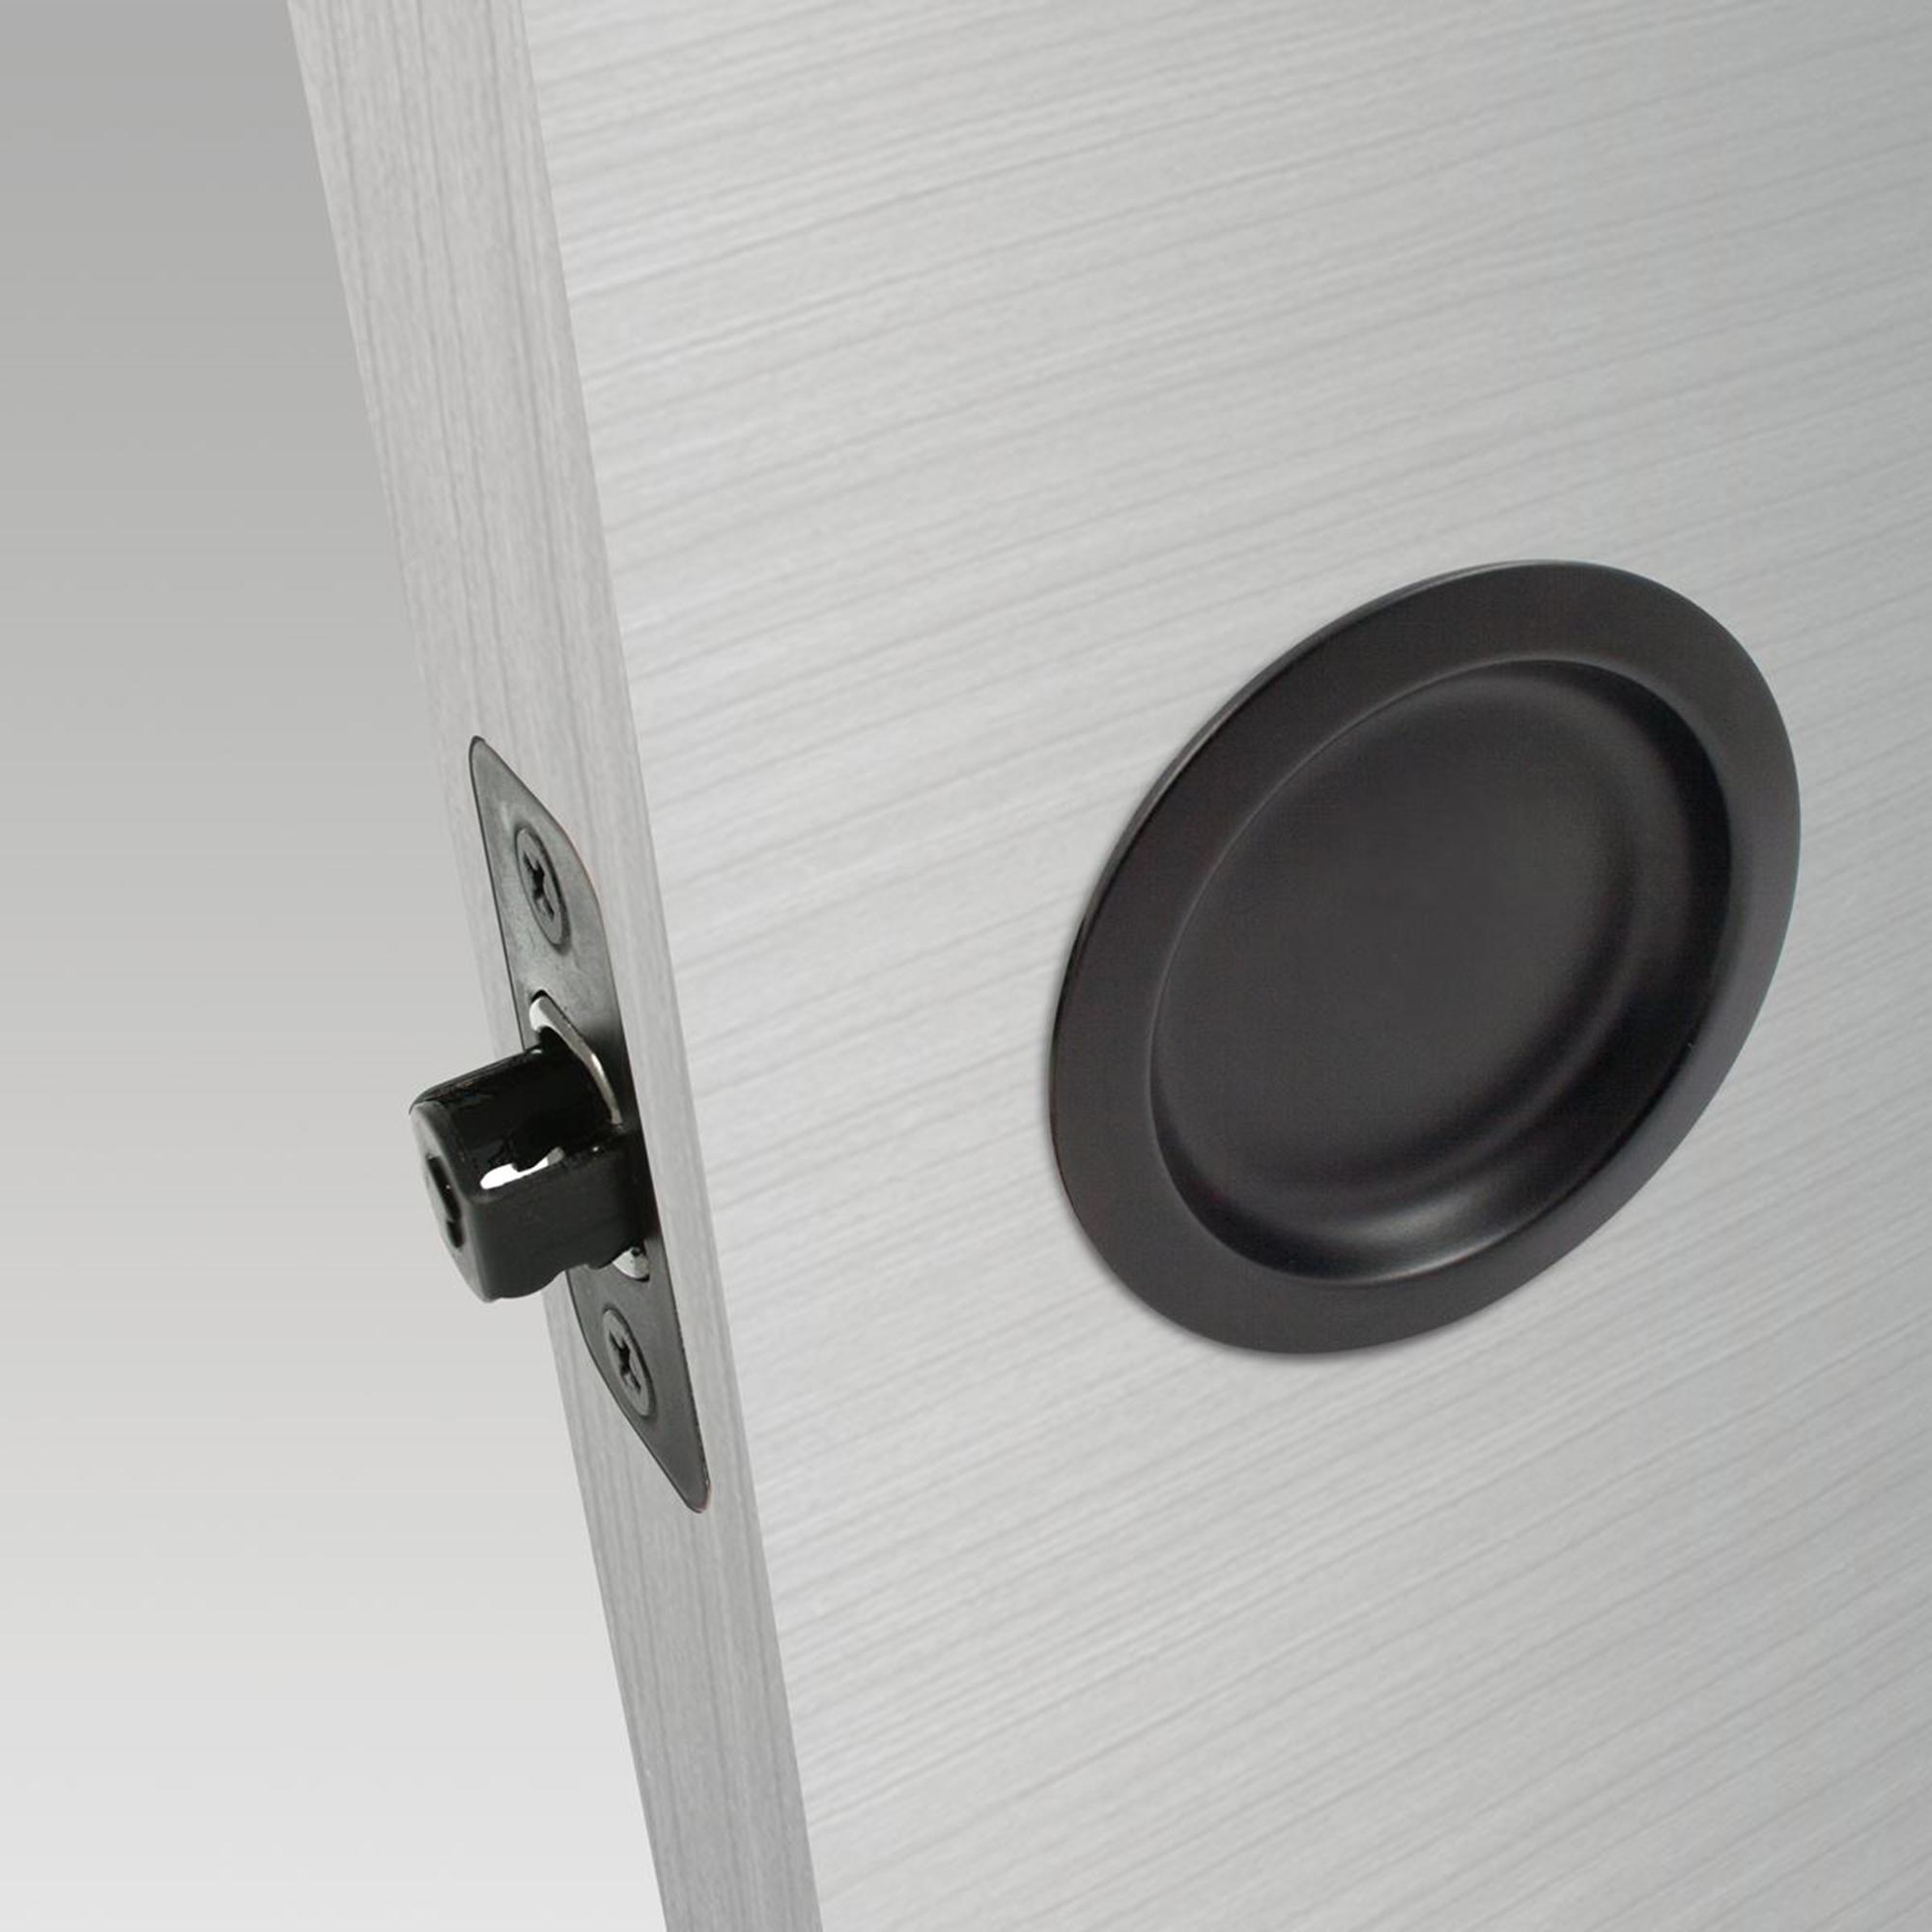 Pour portes escamotables